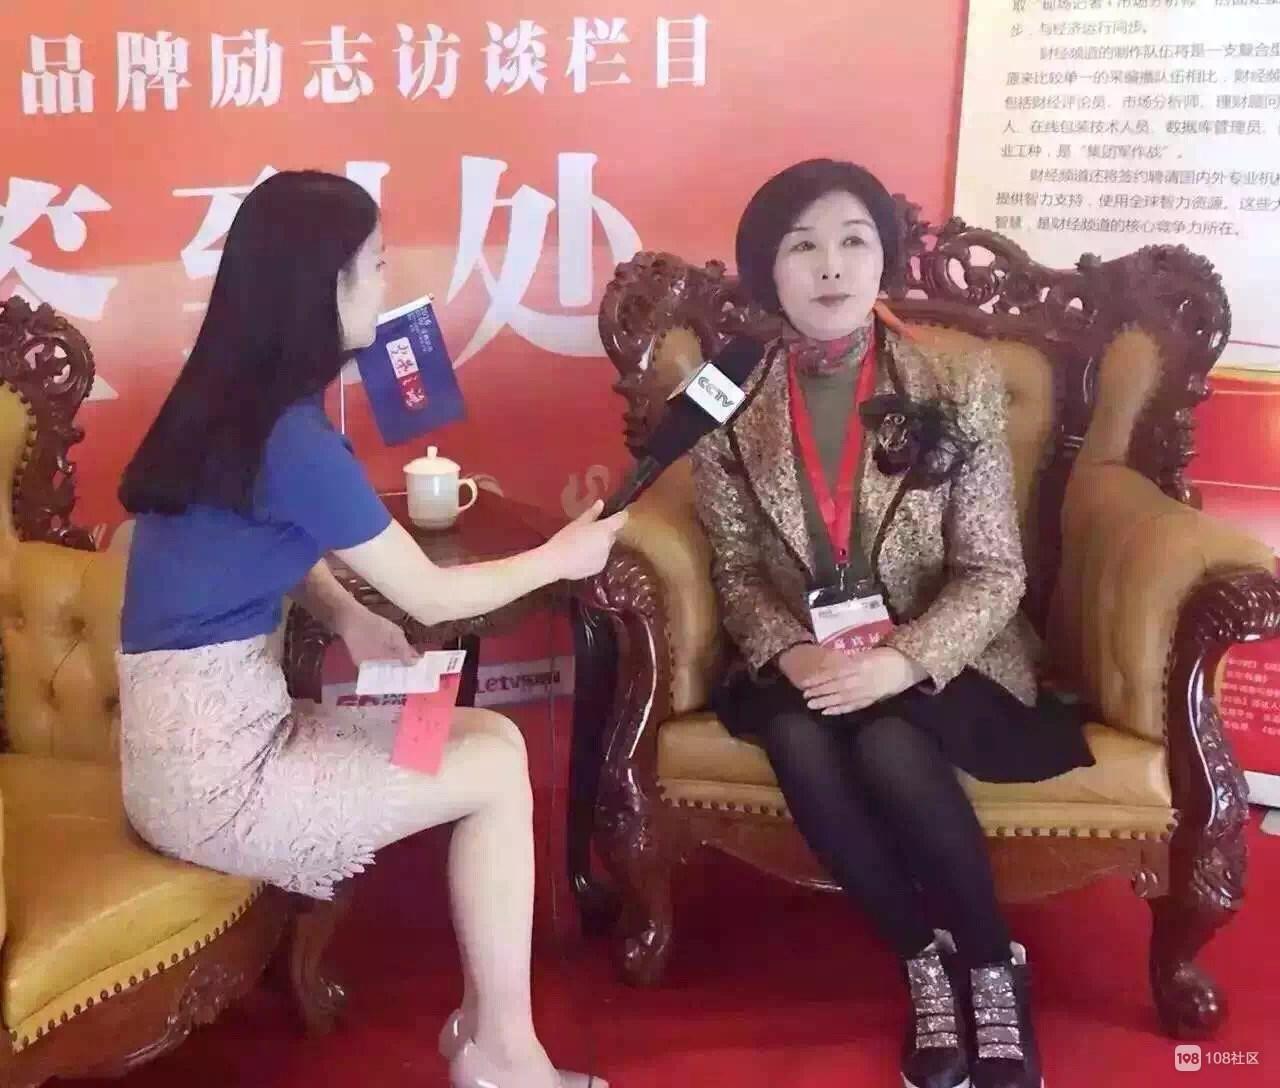 专访小童星模特创始人潘丽群,中国少儿模特行业开拓者的心路